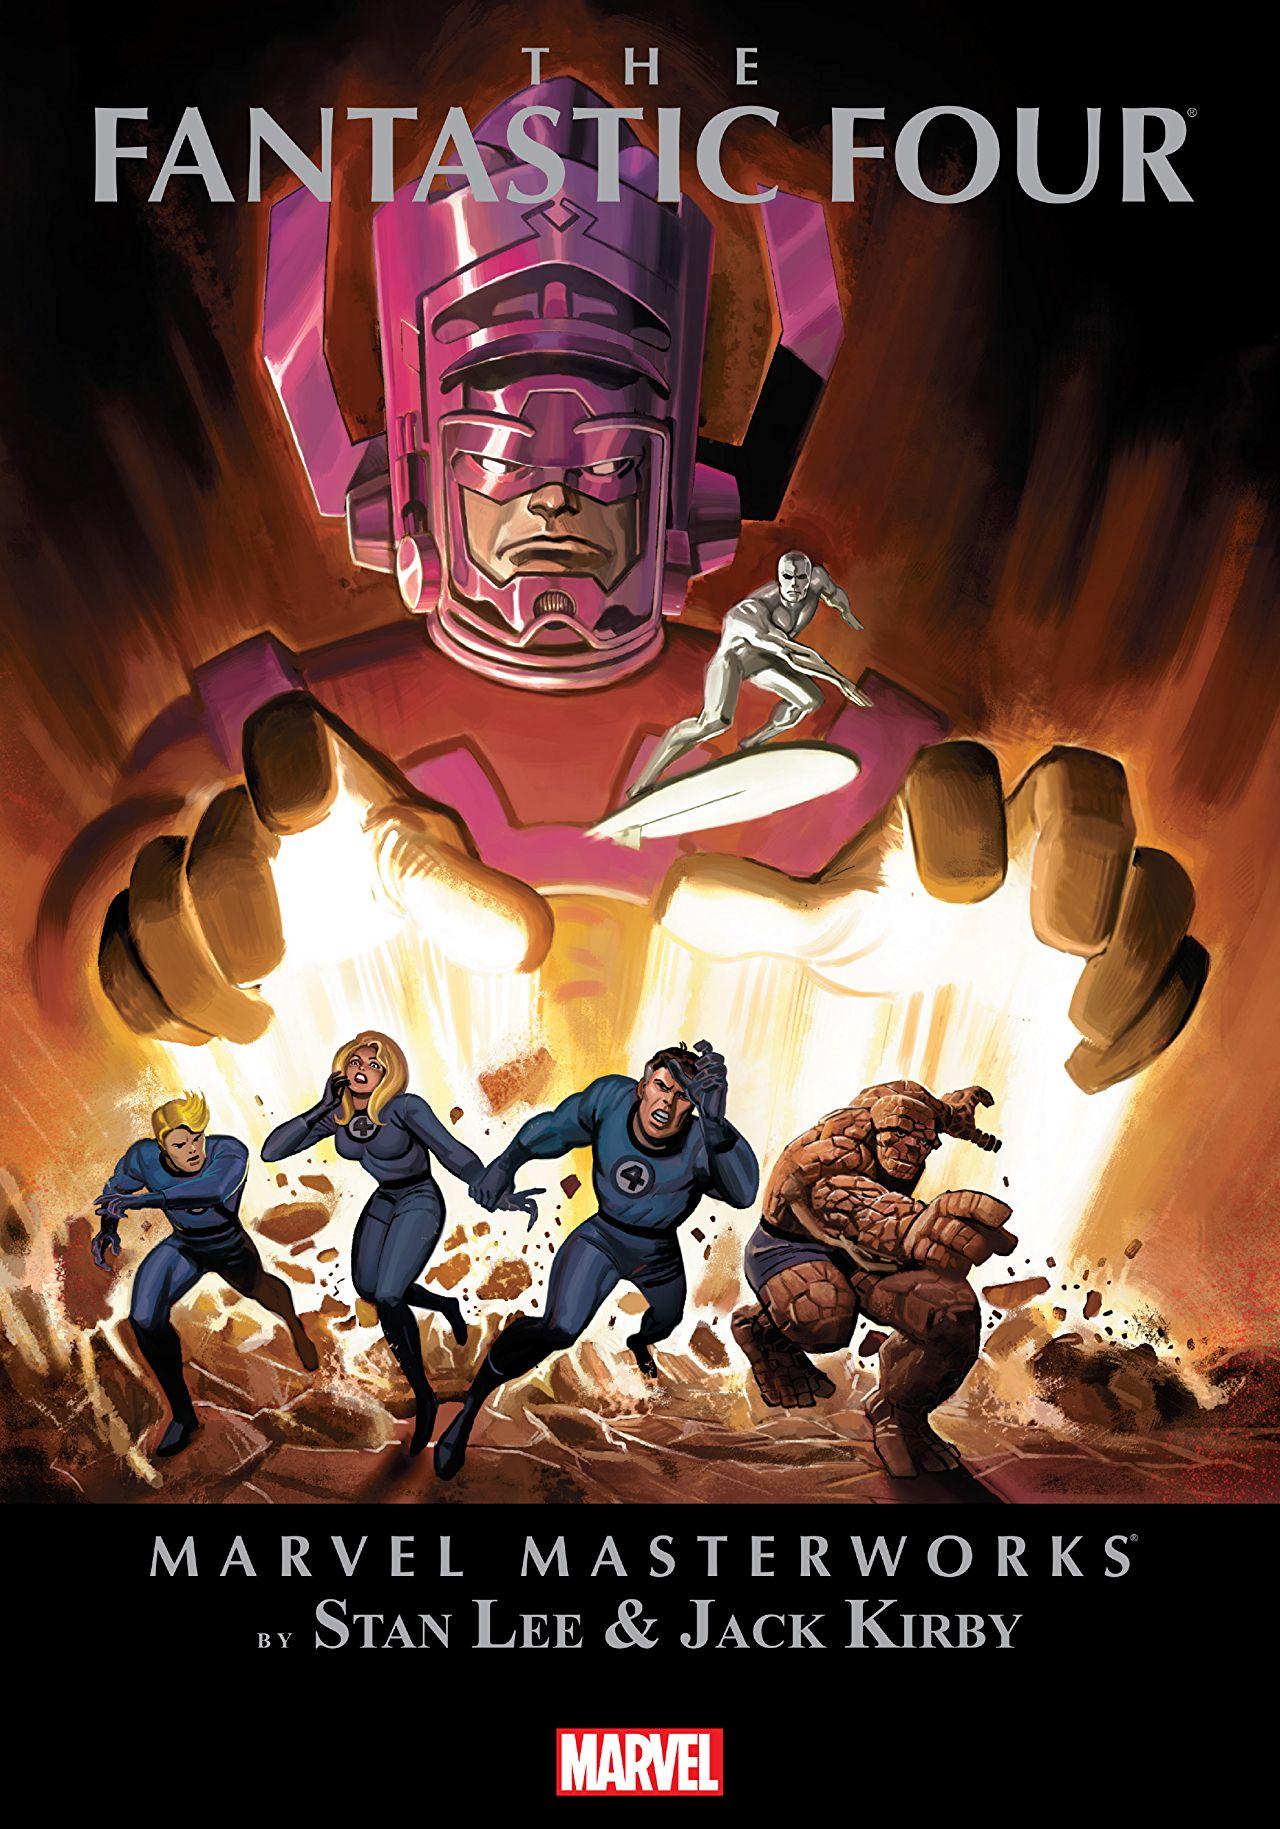 Marvel Masterworks: The Fantastic Four Vol. V - Variant 2nd Edition (1st) (Trade Paperback)